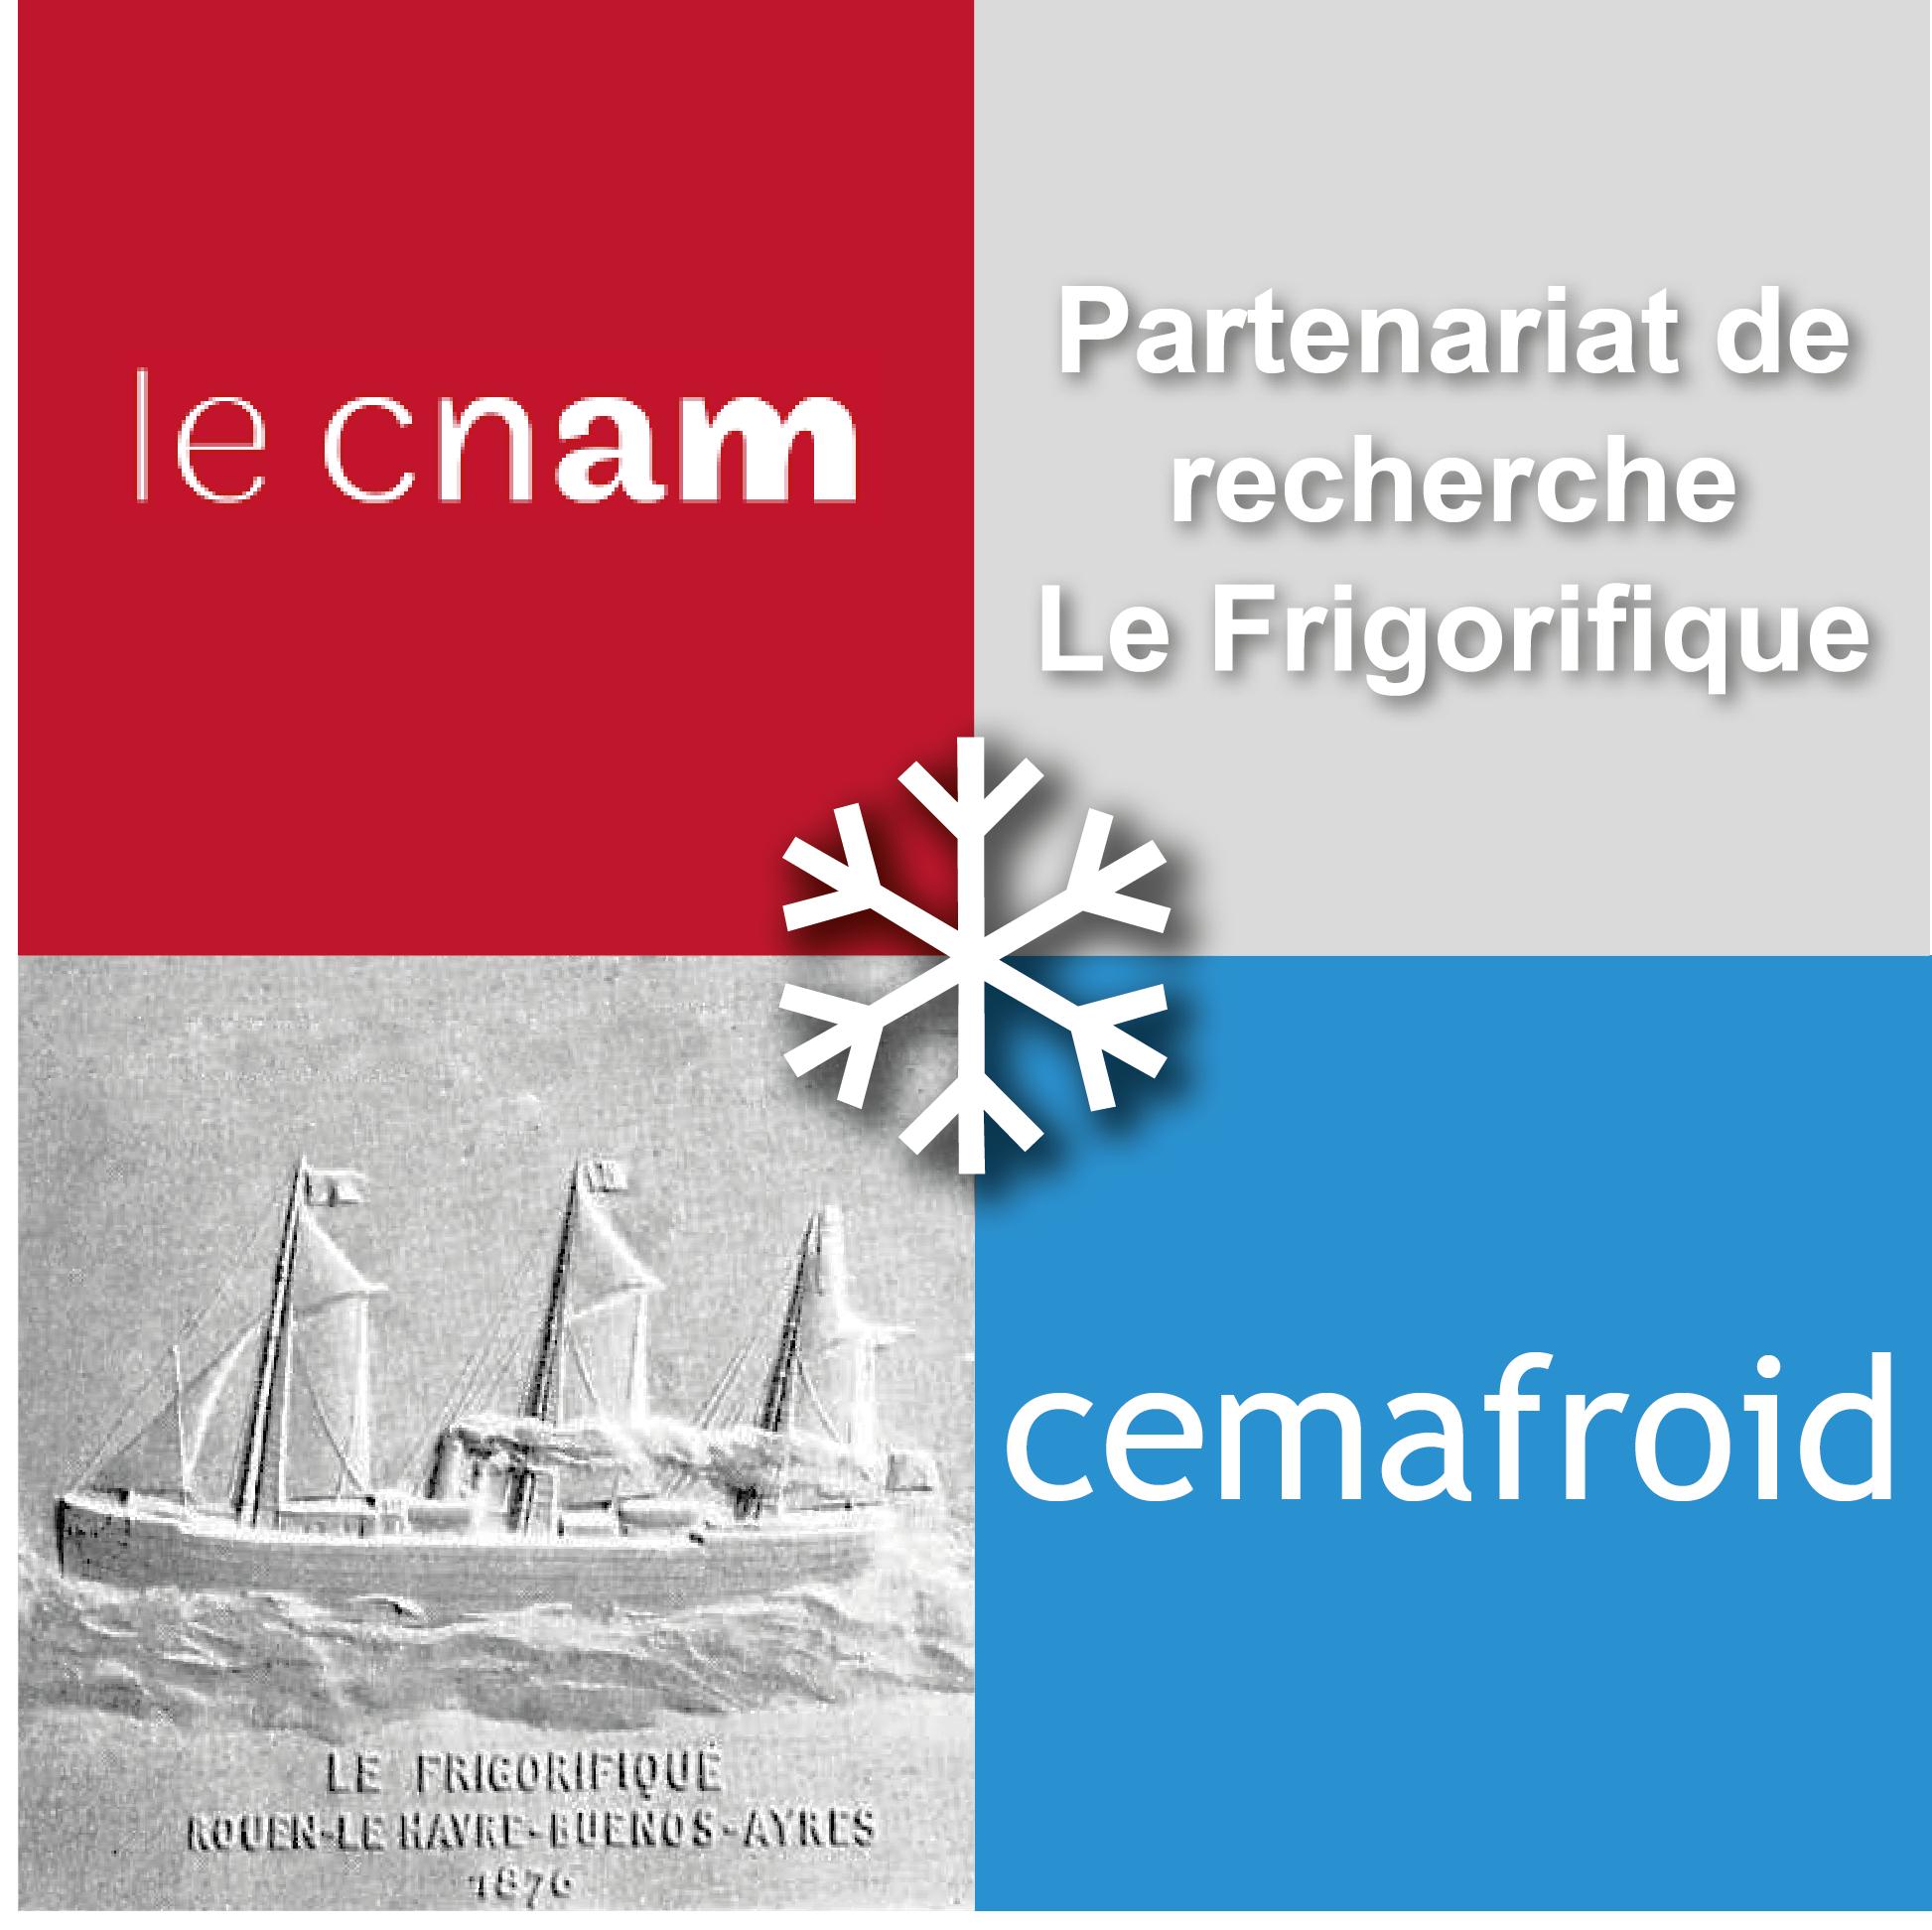 Signature partenariat de recherche Le Frigorifique Cemafroid-CNAM